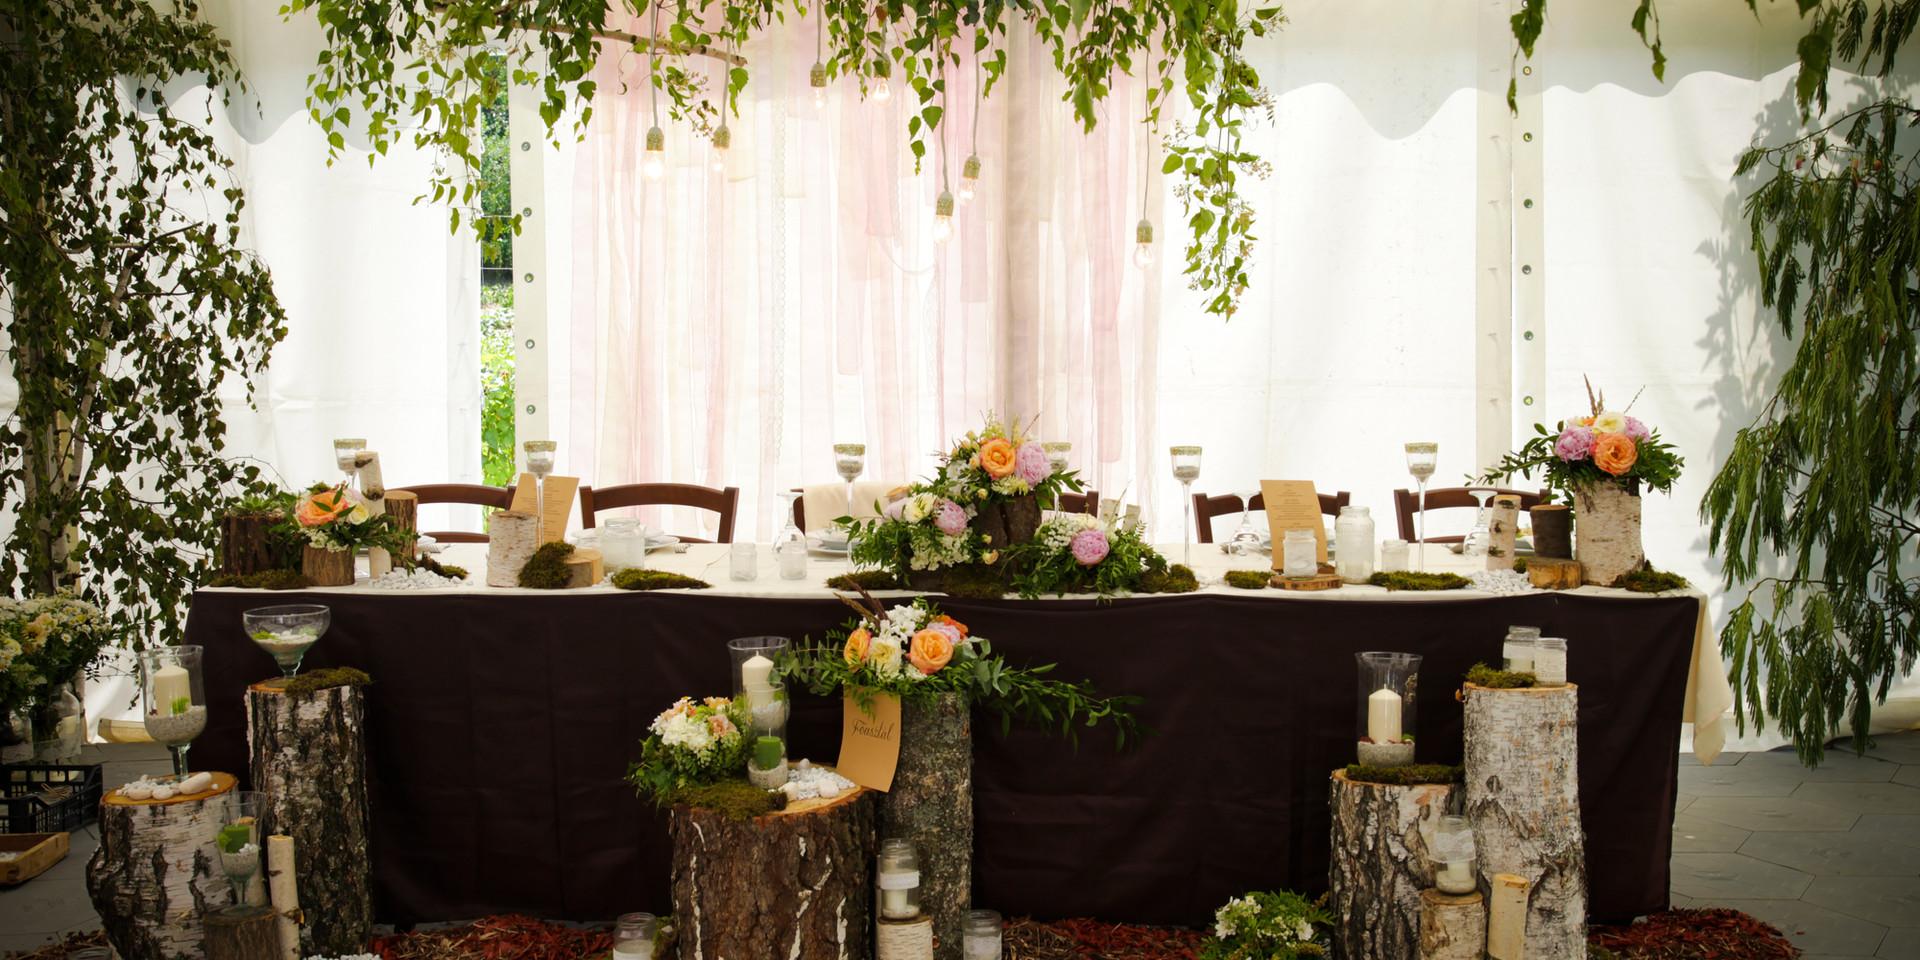 Az esküvői főasztal,,, már csak a pár hiányzik